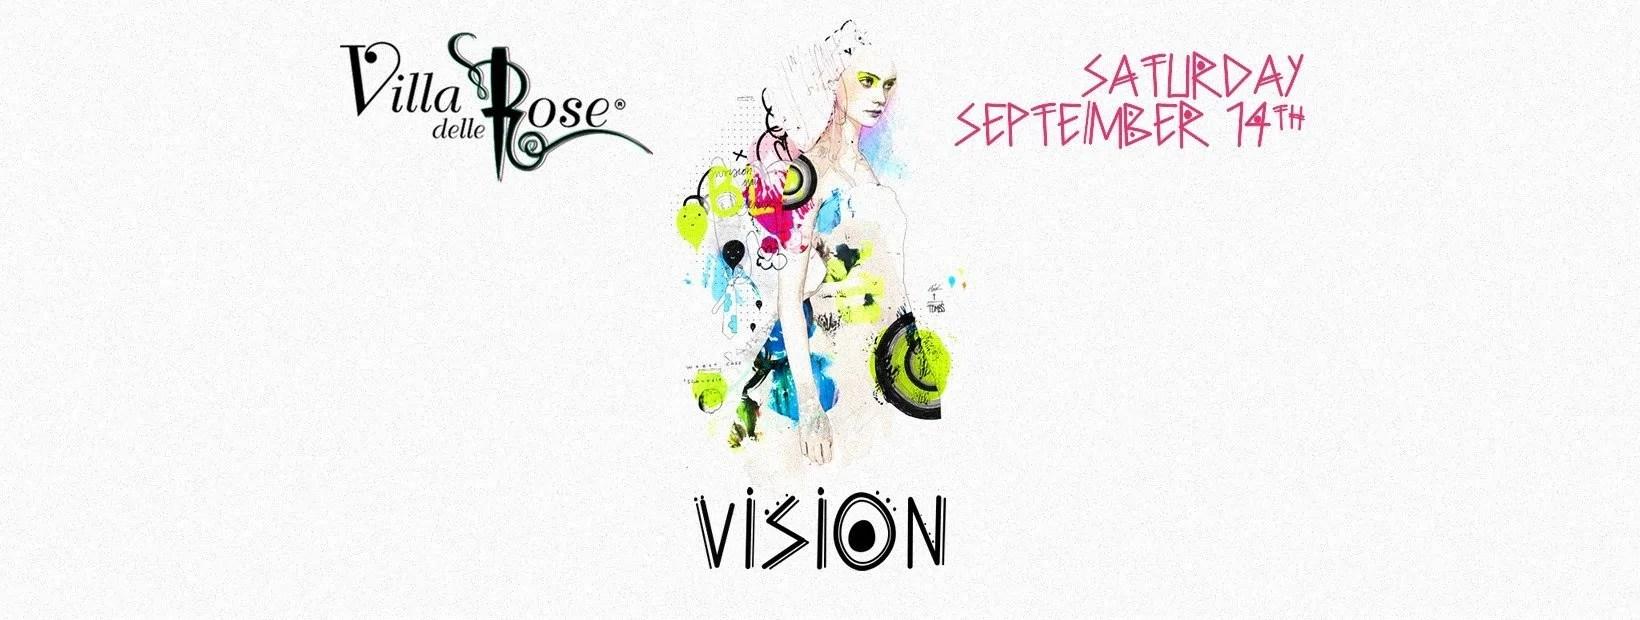 Villa delle Rose Sabato 14 09 2019 Vision